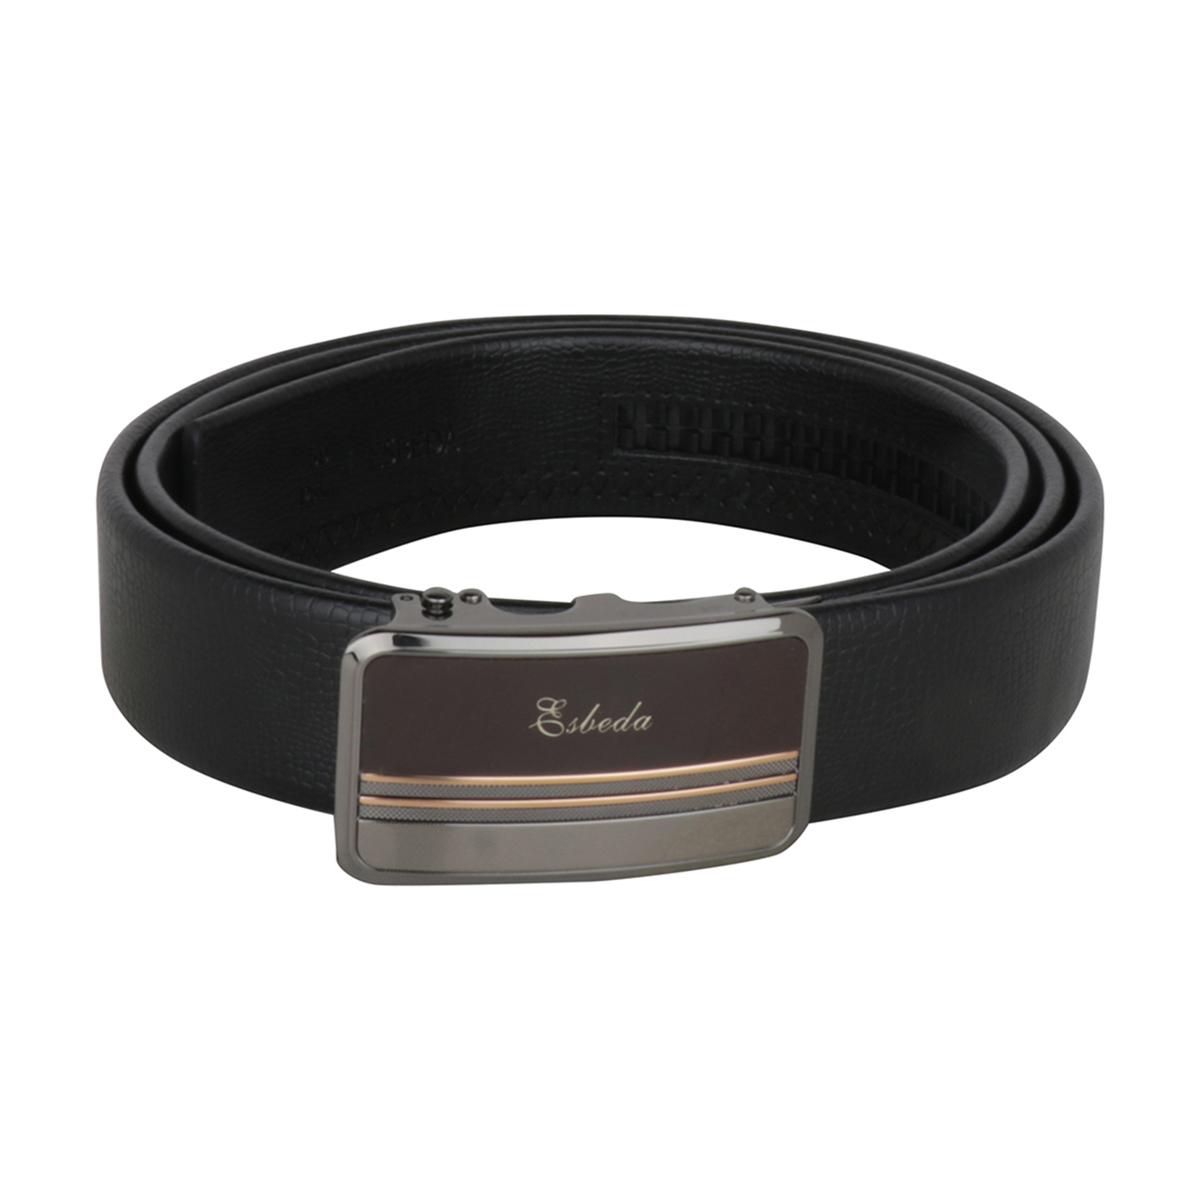 ESBEDA | ESBEDA Adjustable Size Mens Belt Designed for Mens and Boys